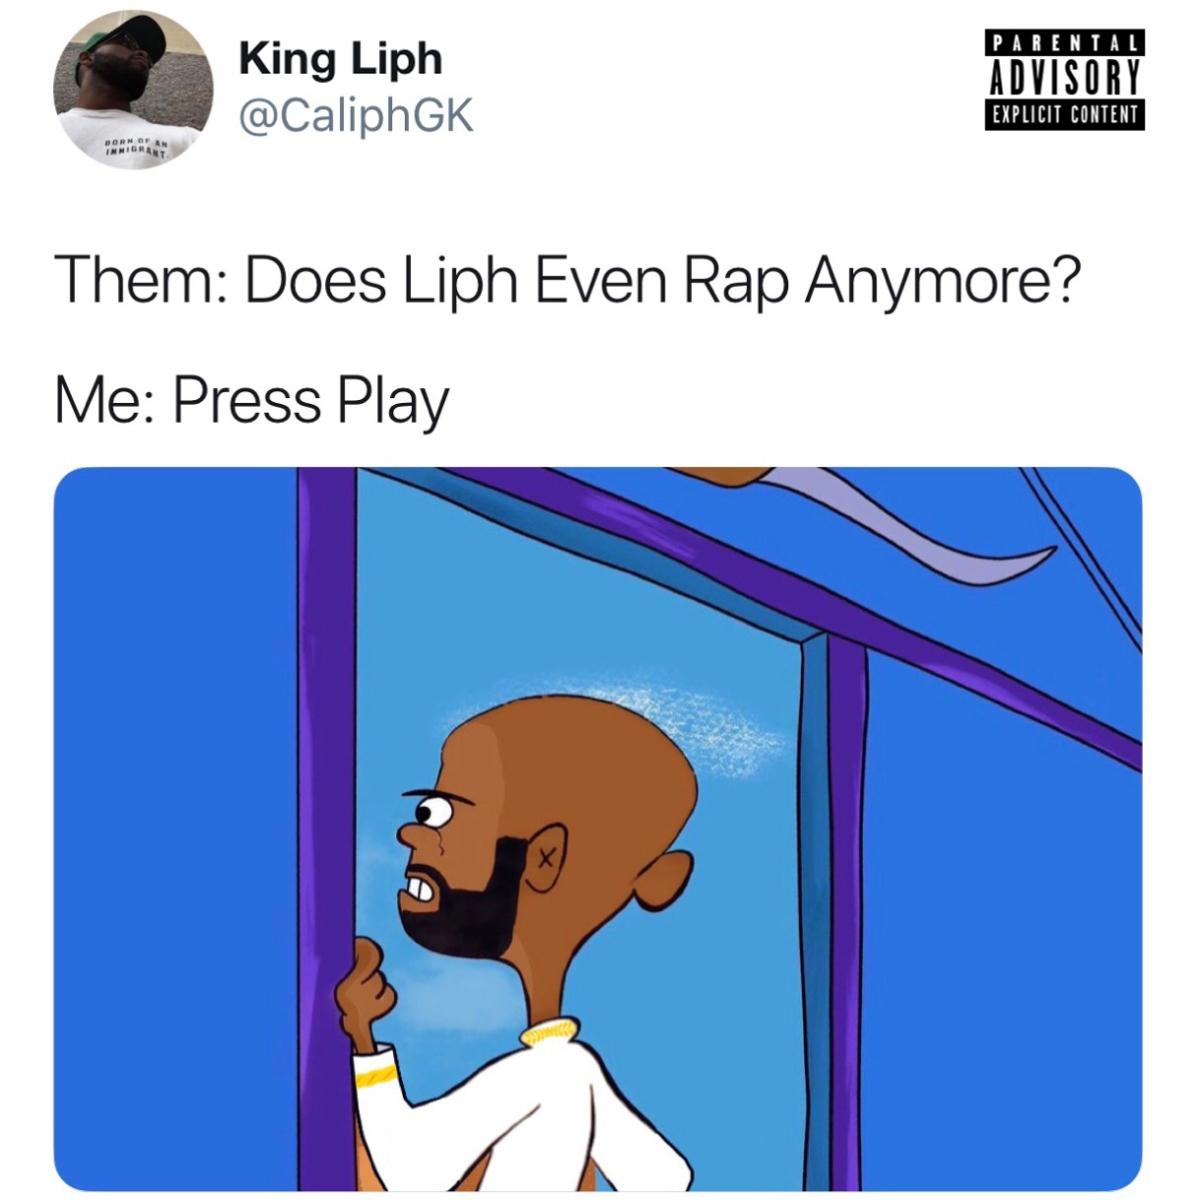 """[PREMIERE] Caliph – """"King Liph Freestyle"""" [Prod. RELLWTHEWAVECAP]"""